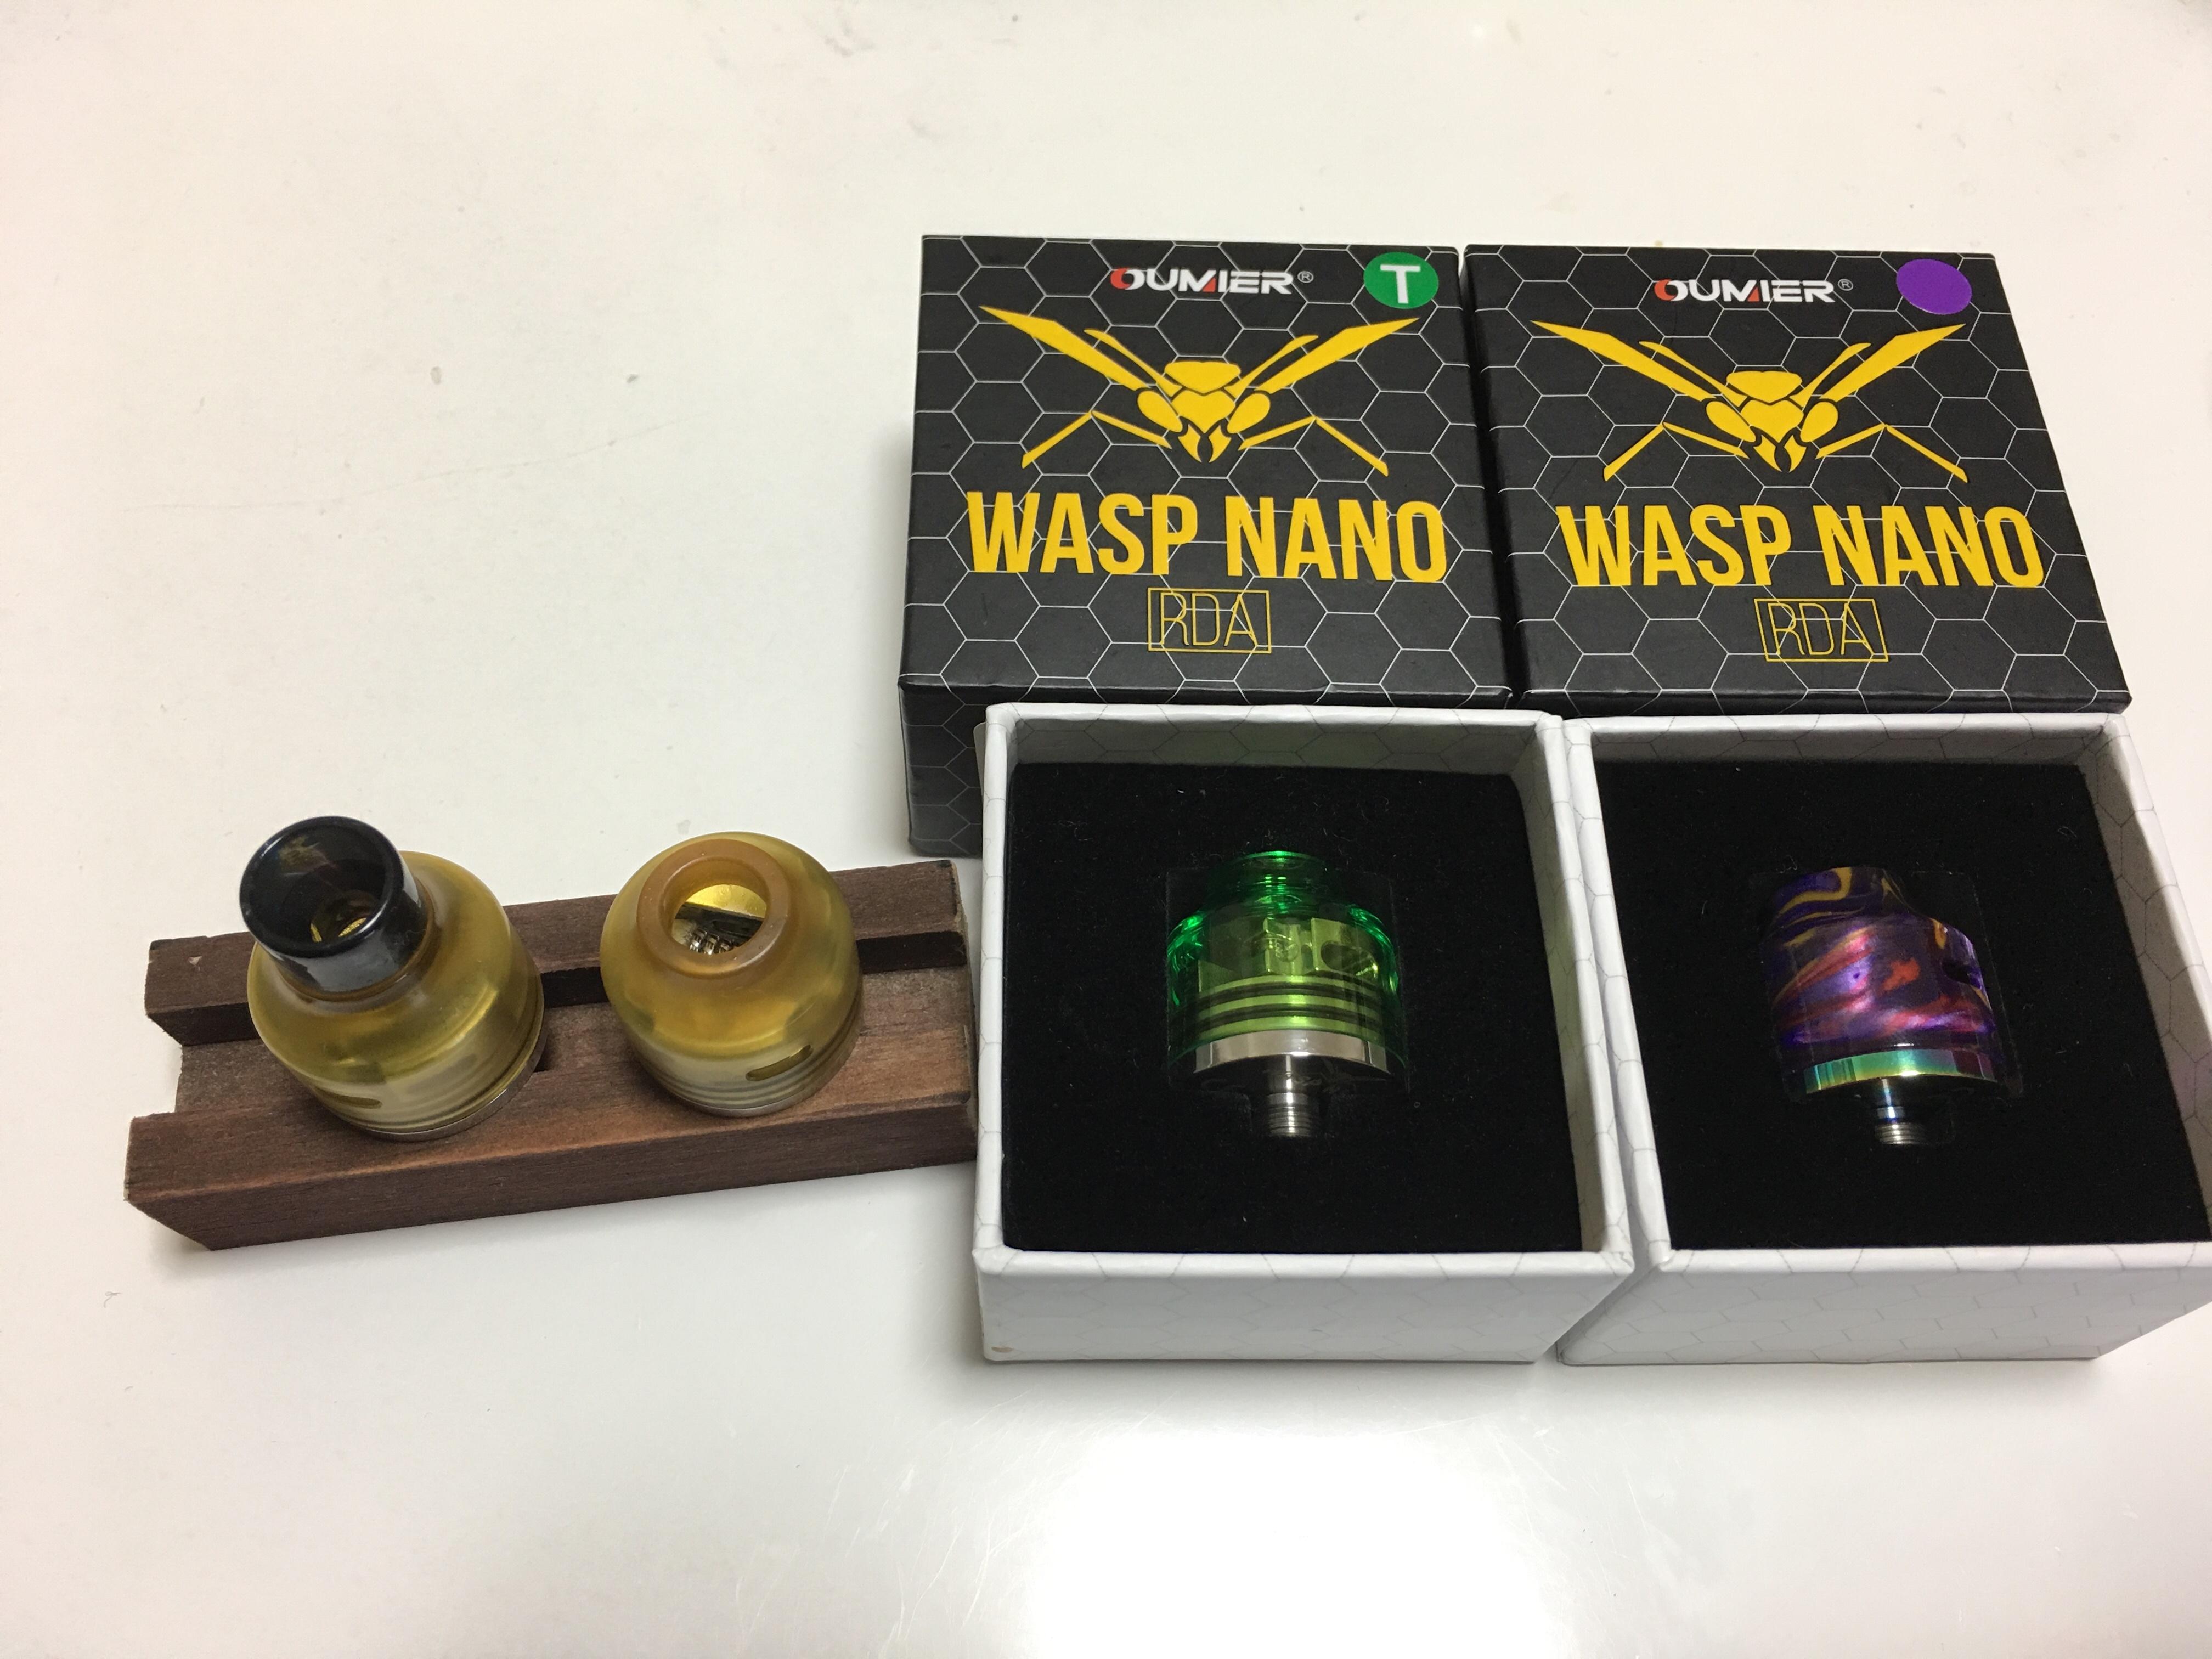 今更ですが、Wasp nano RDAはいいぞ